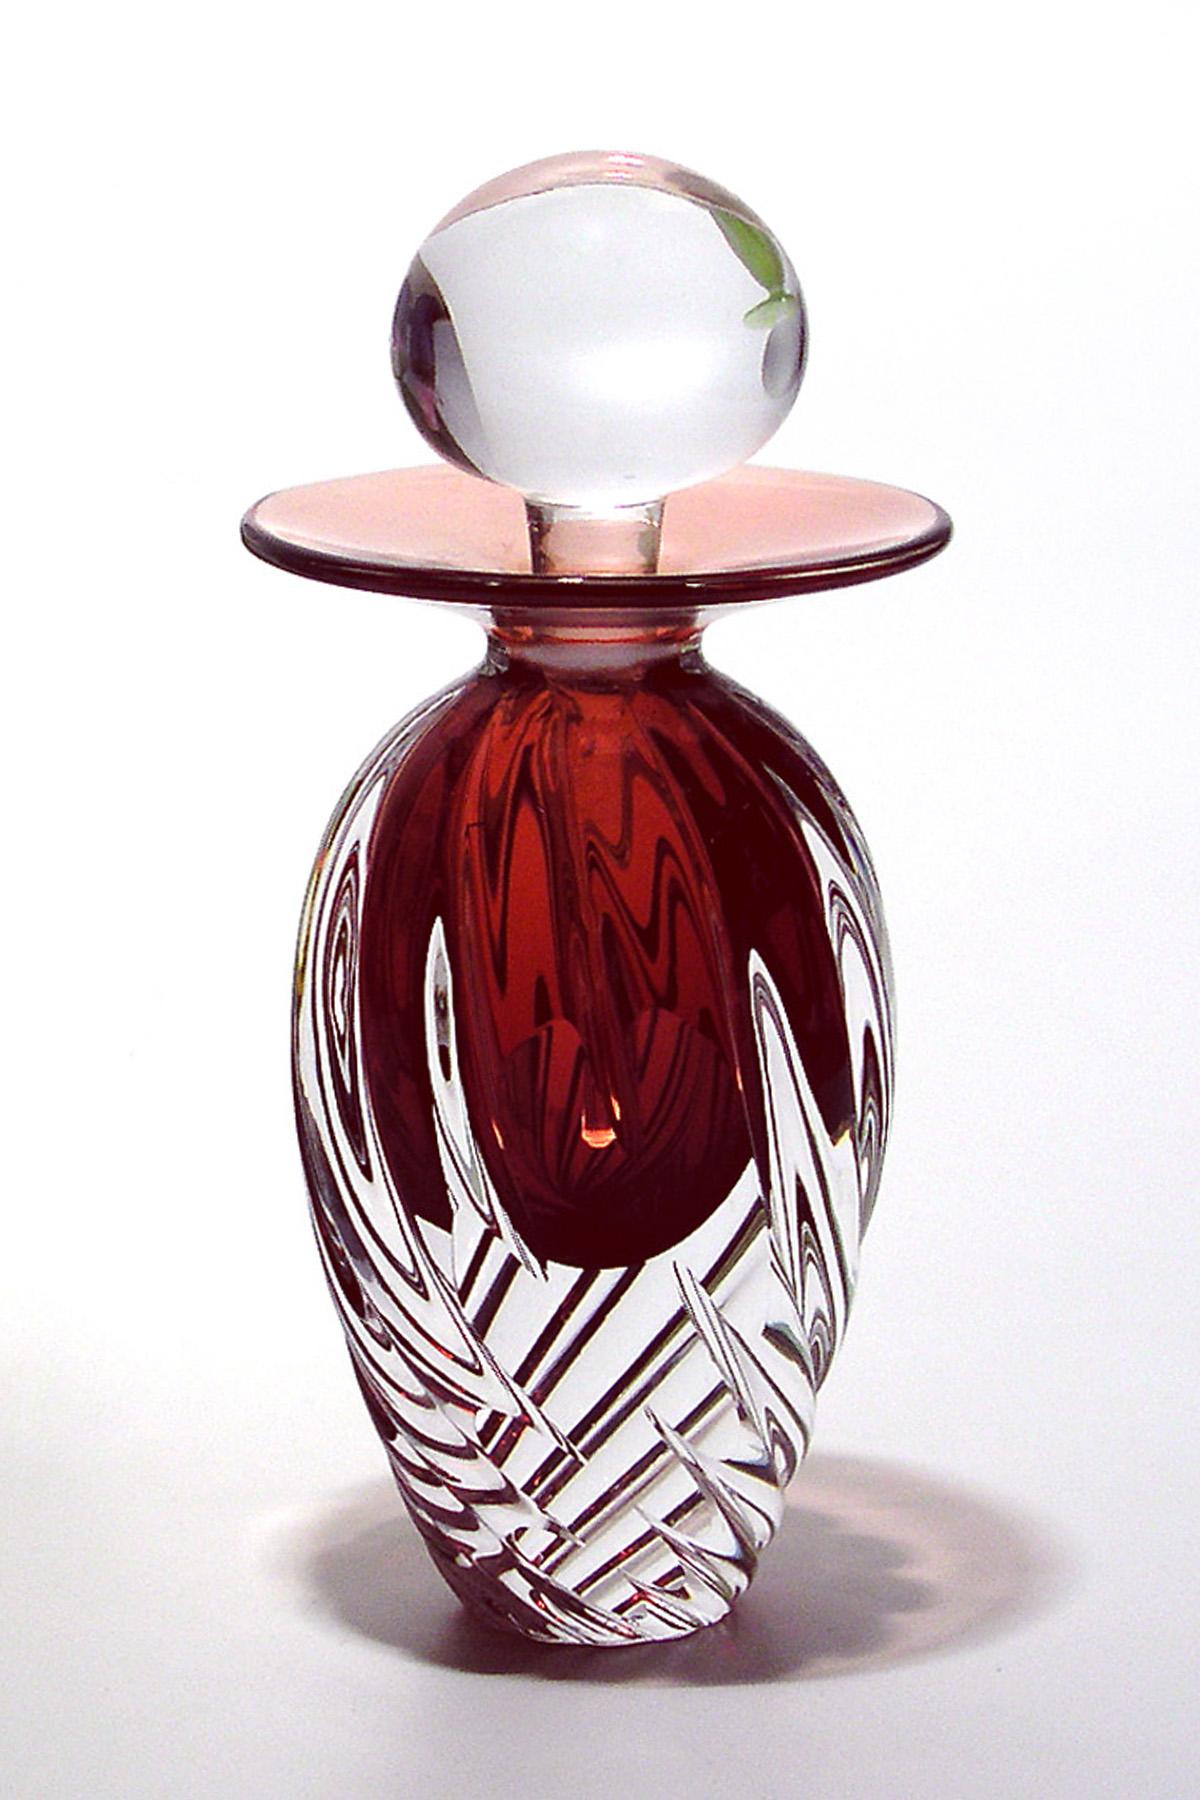 Vintage perfume bottles grace by michael trimpol